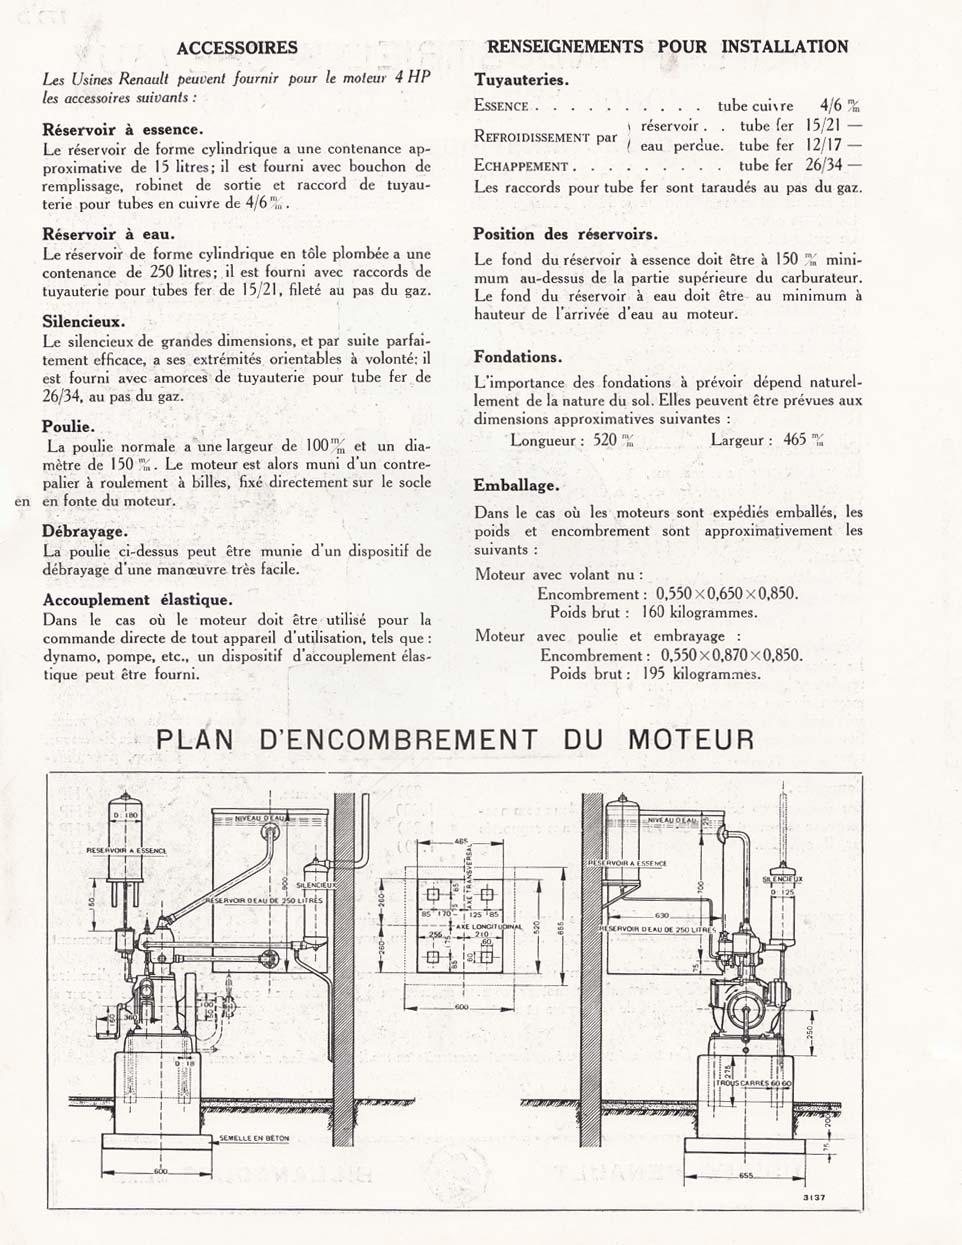 Moteur industriel 4 cv monocylindrique à essence © APR Droits réservés